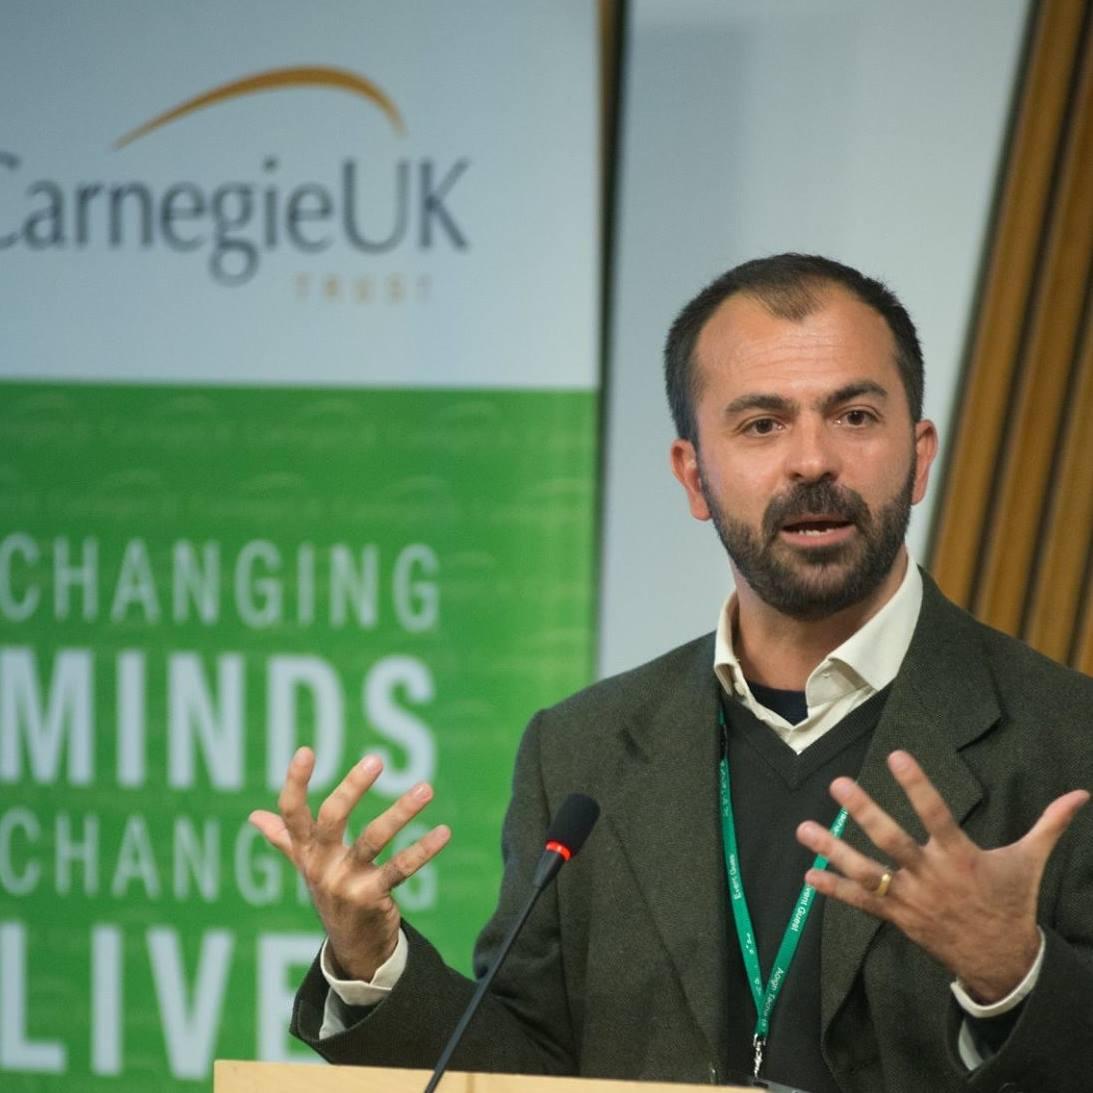 «Serve un whatever it takes per l'ambiente»: parla l'onorevole Fioramonti